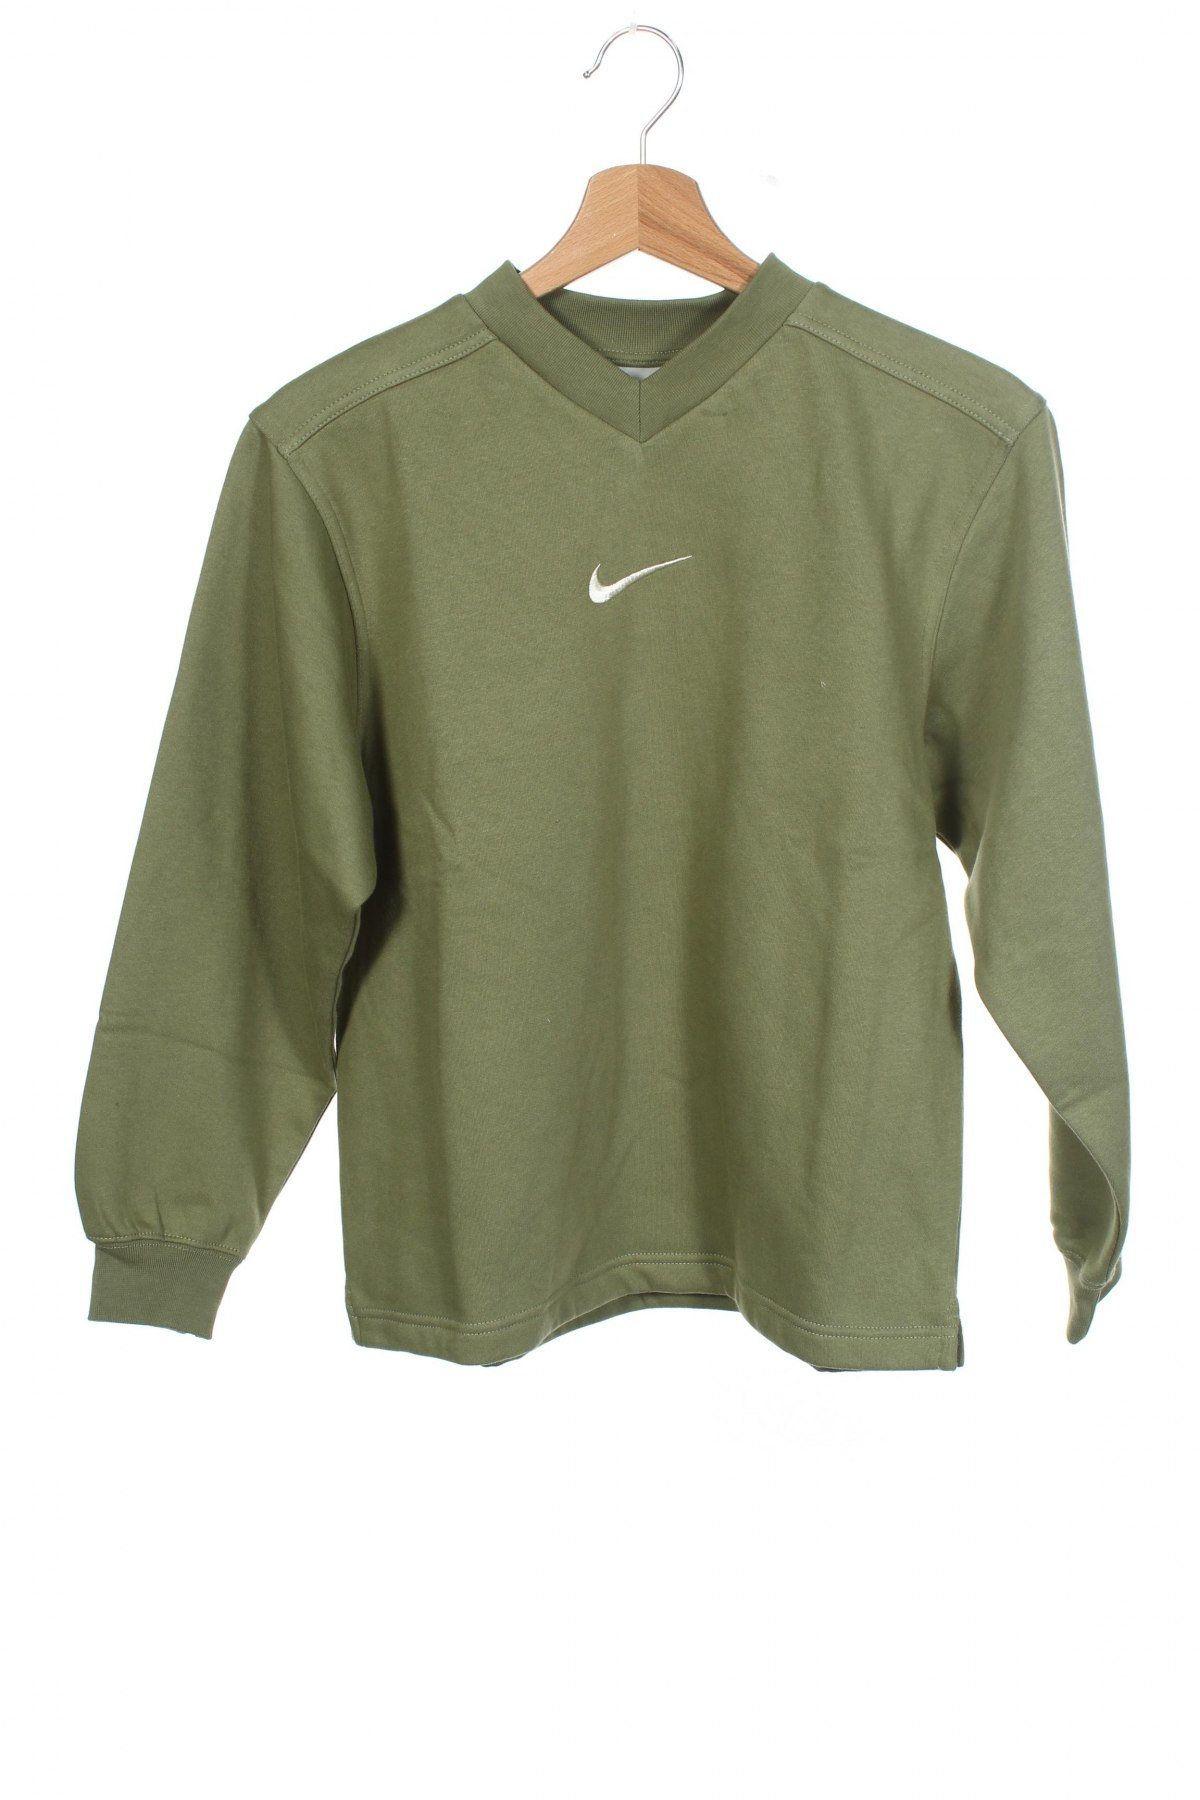 This Item Is Unavailable Etsy Sweatshirts Vintage Hoodies Vintage Nike [ 1800 x 1200 Pixel ]